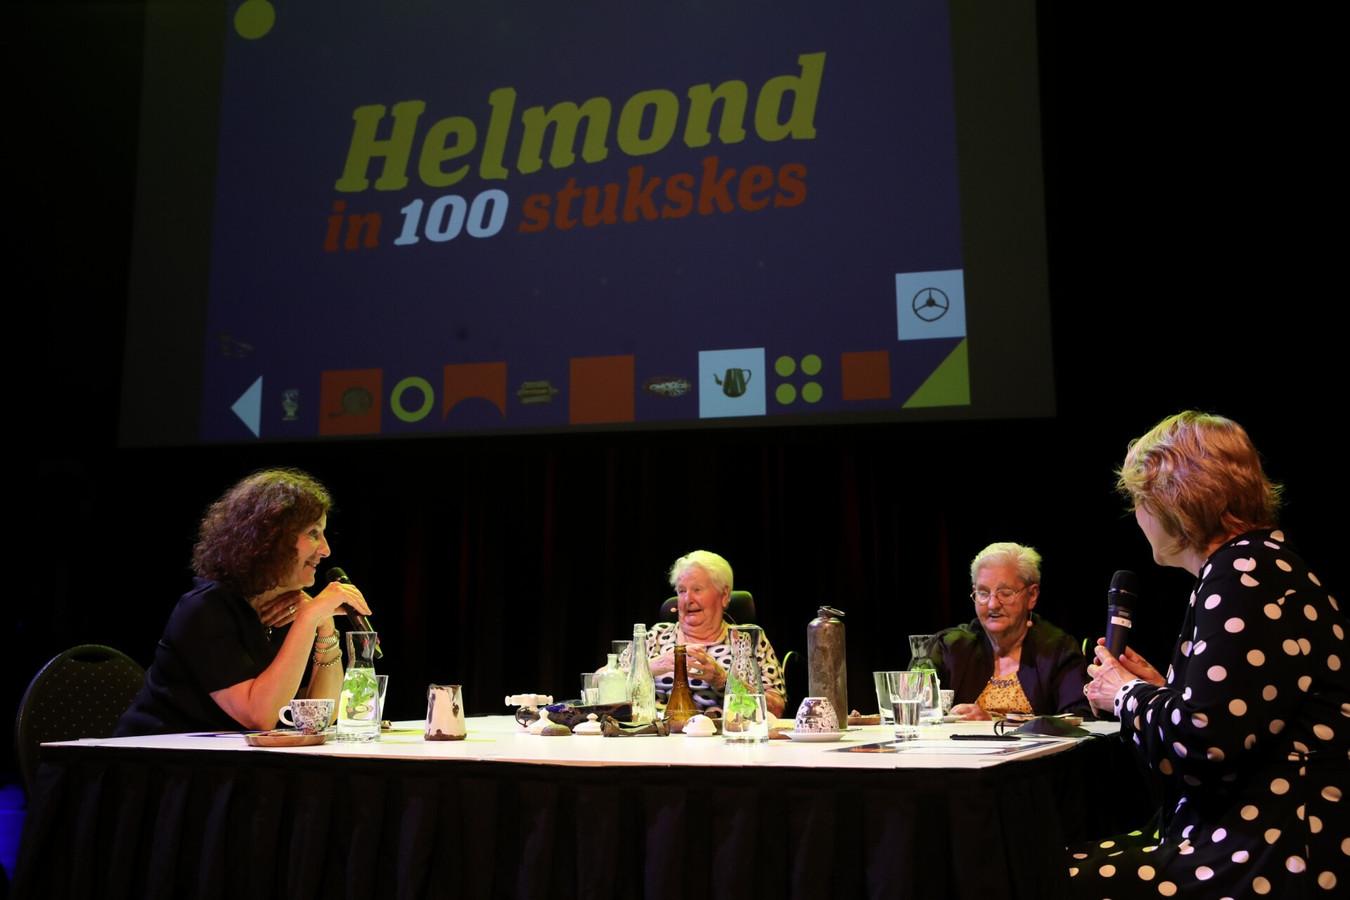 Minister Ingrid van Engelshoven (l) is woensdag in Helmond voor het project Helmond in 100 stukses, vuilnis met verhalen. Hier is ze in gesprek met mevrouw Heesmans en mevrouw Meeuwsen. Rechts wethouder Antoinette Maas.